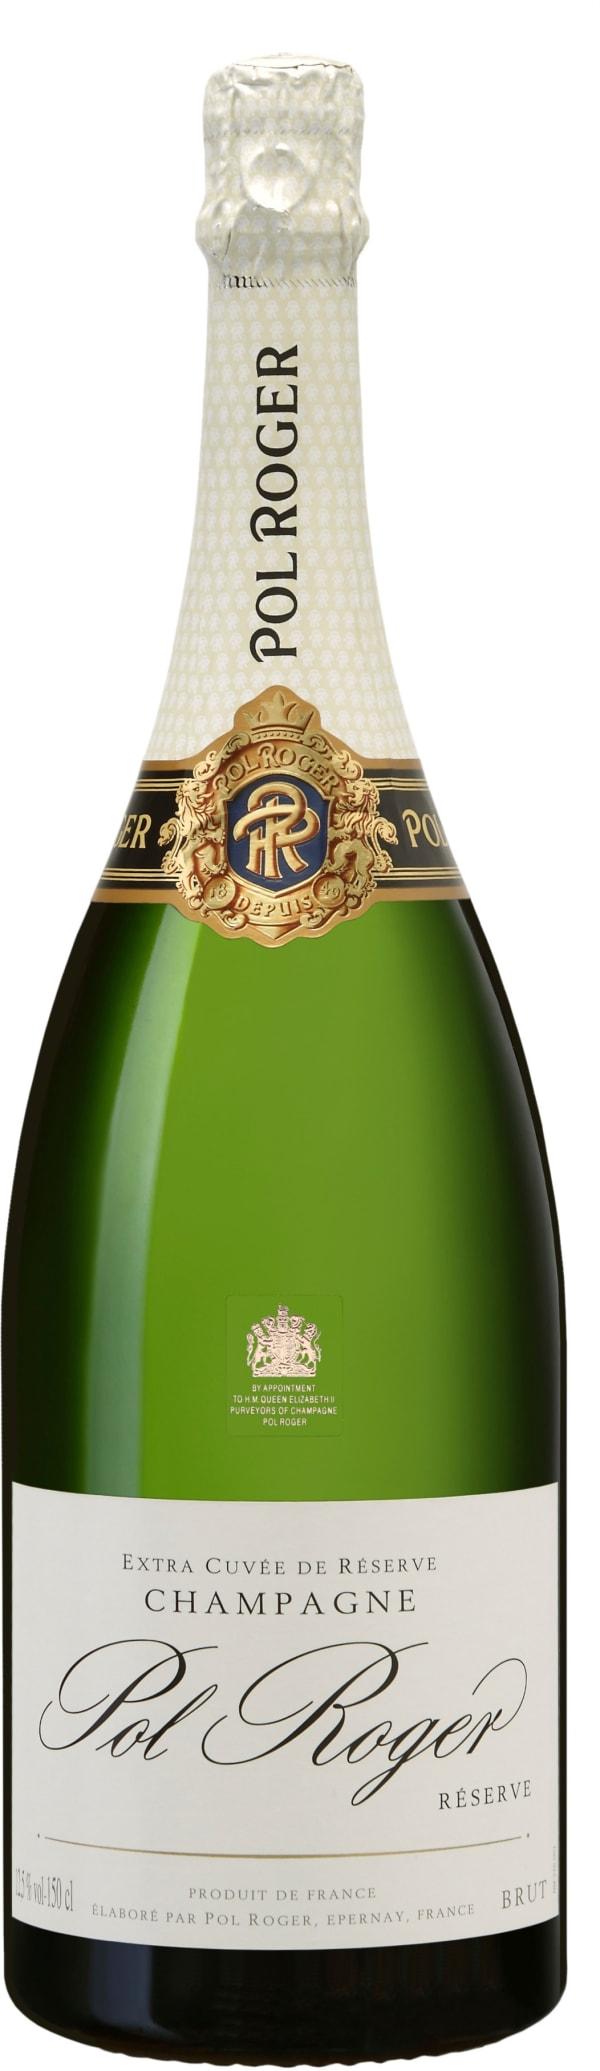 Pol Roger Extra Cuvée de Réserve Champagne Brut